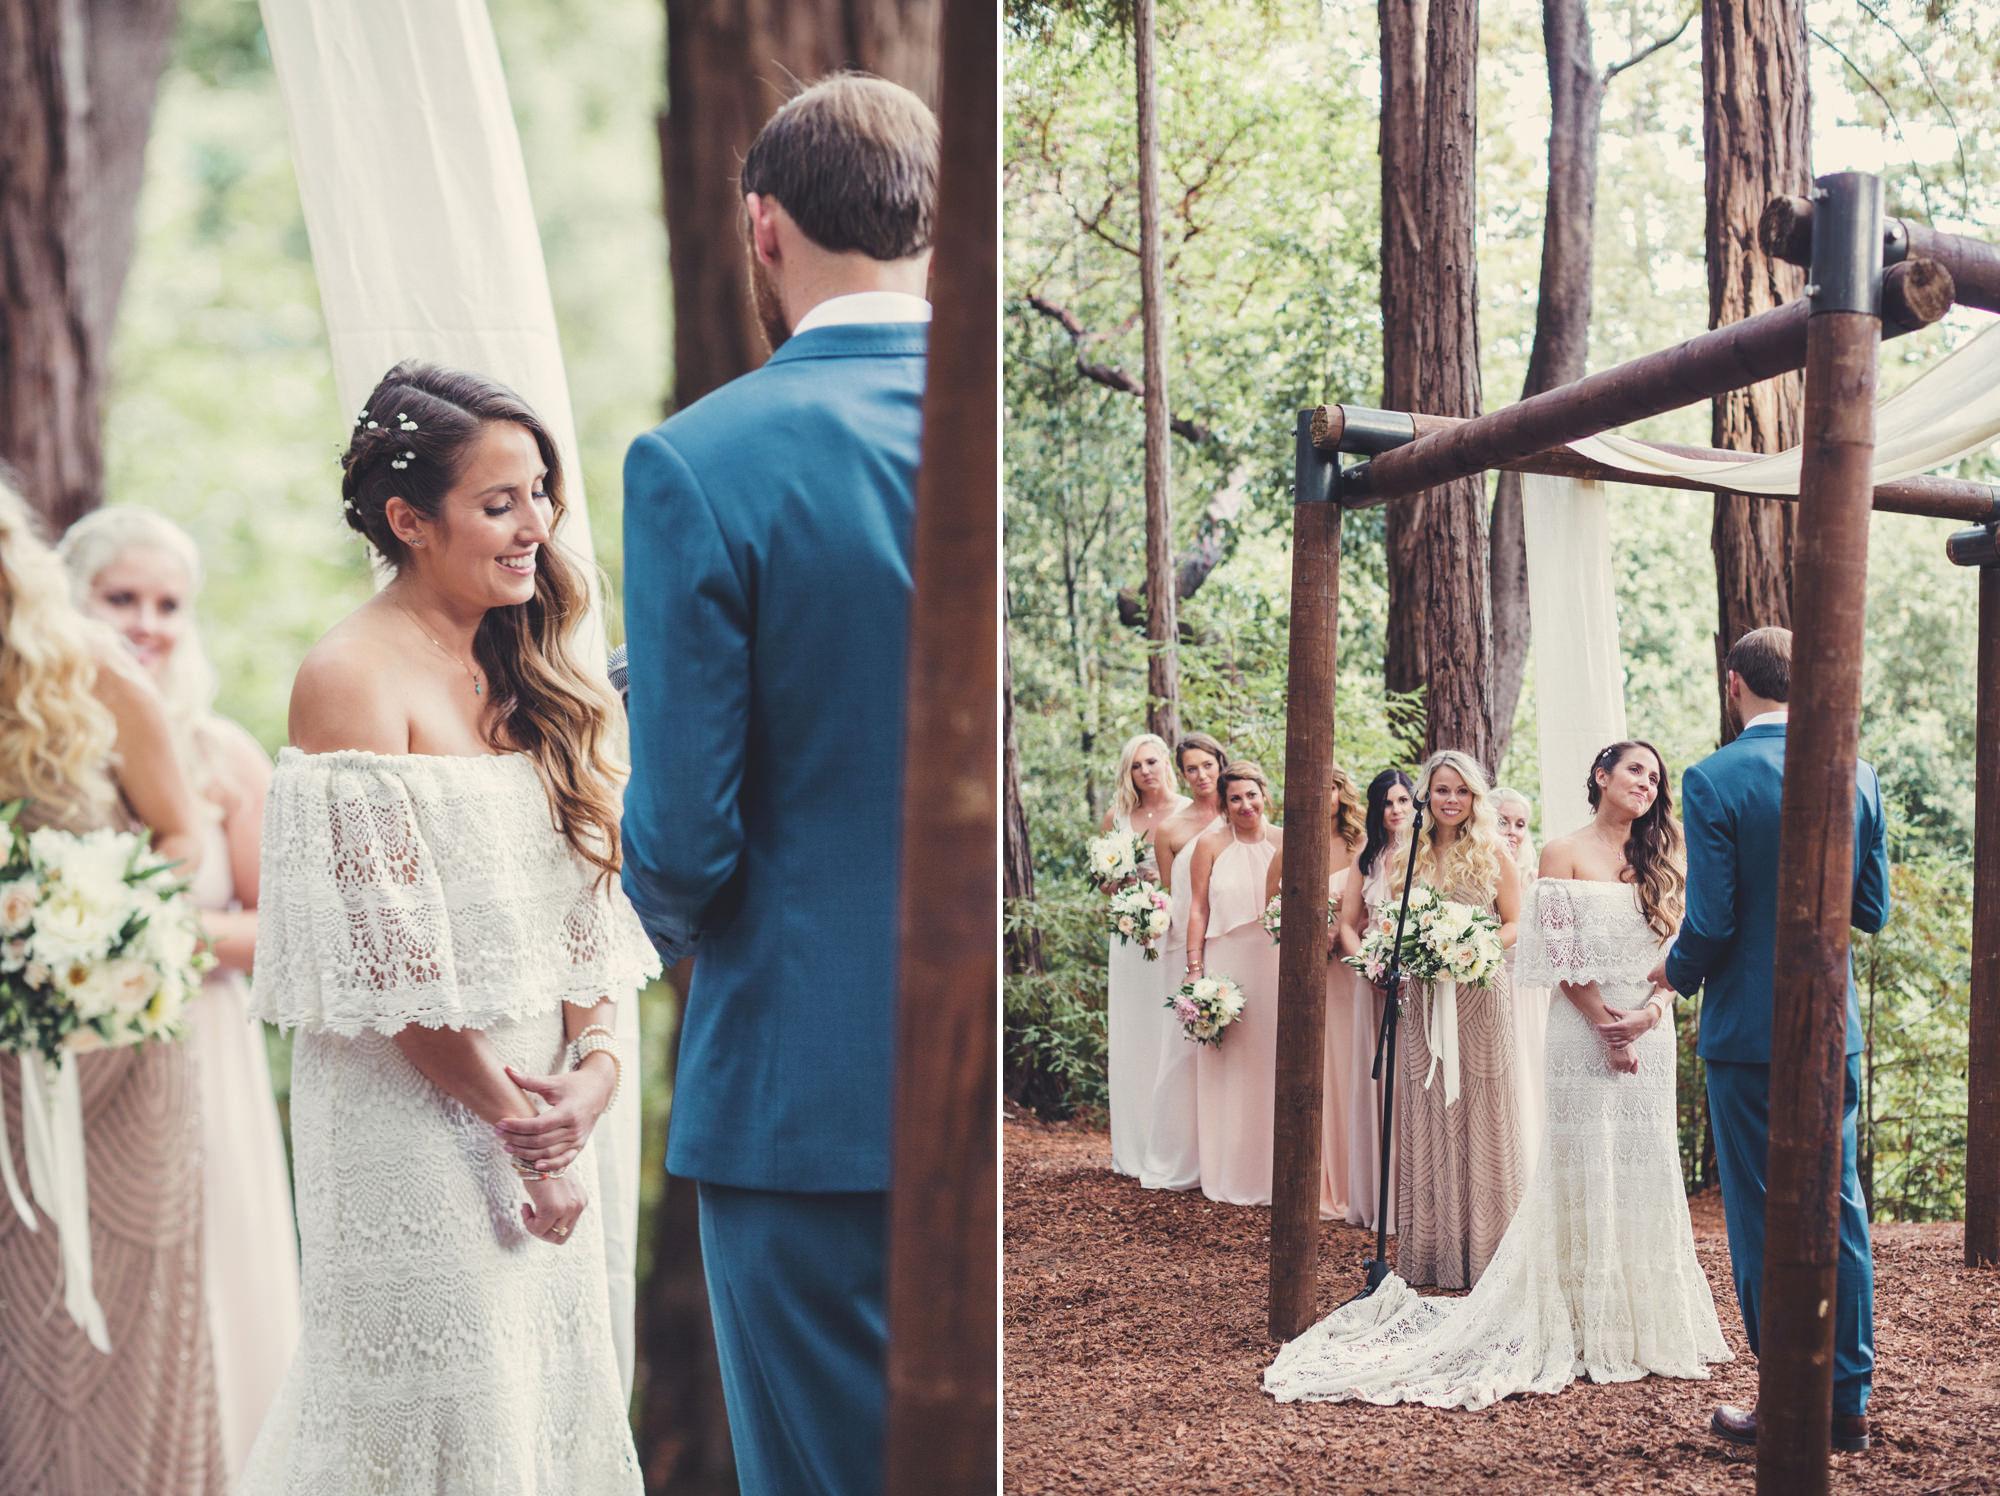 Sequoia Retreat Center Wedding@Anne-Claire Brun 72